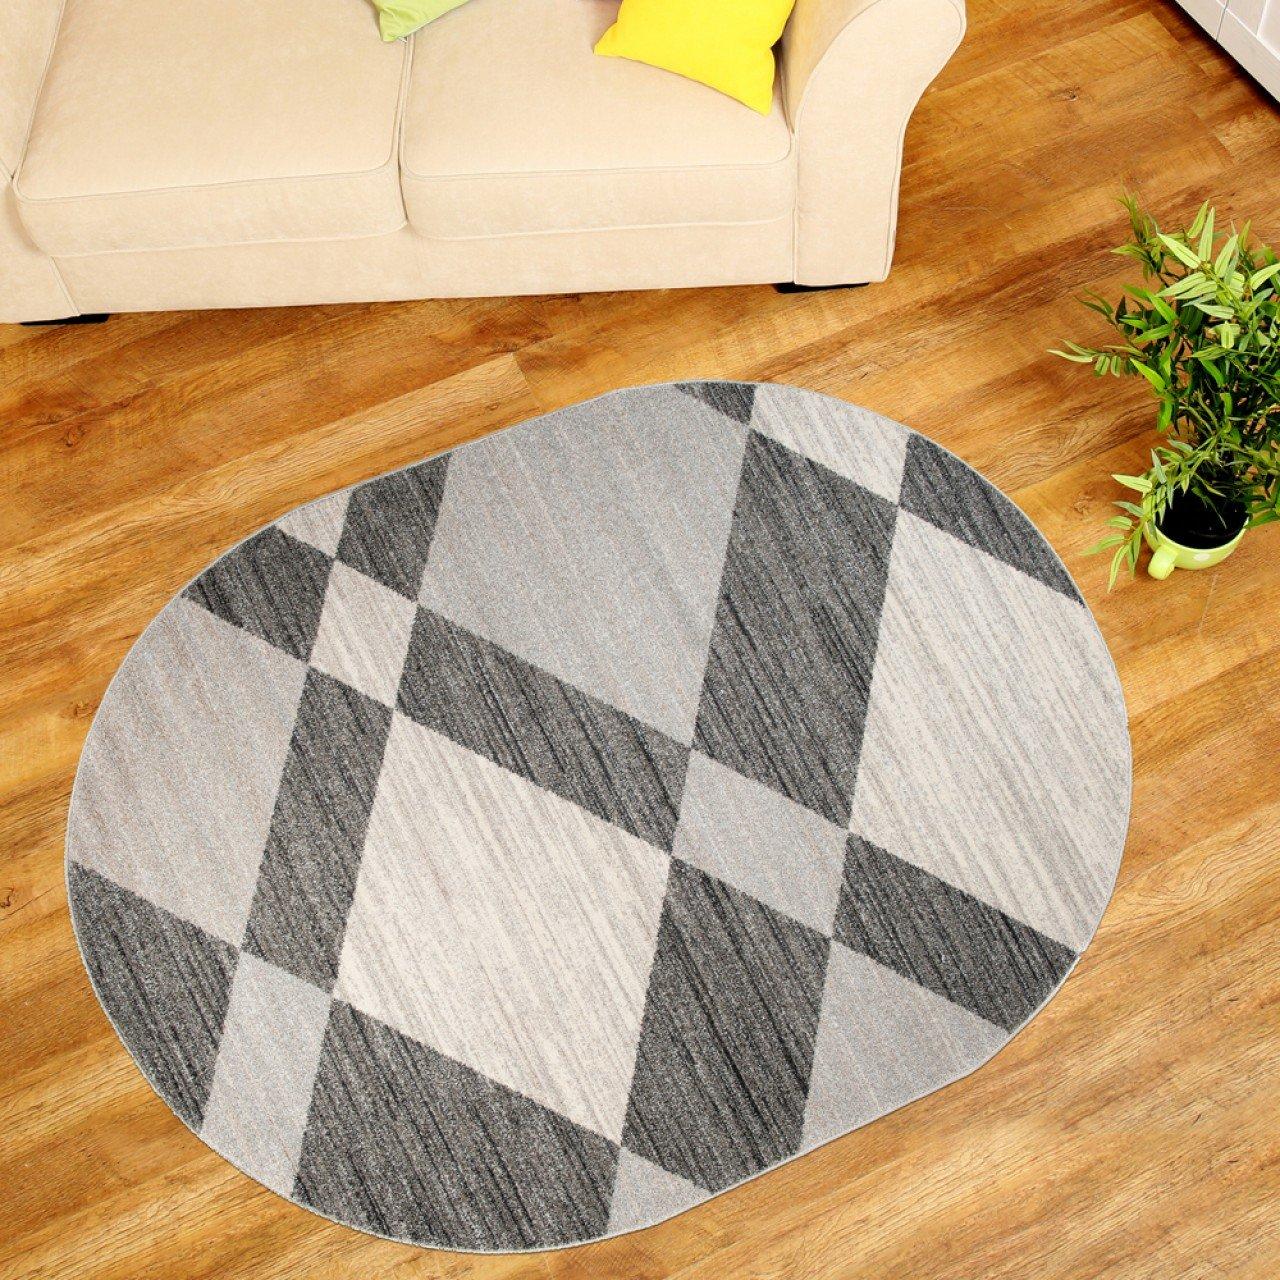 Teppich Wohnzimmer Oval - Teppiche Meliert Kurzflor Muster Karo - Farbe Grau Qualität Neu 160 x 220 cm B071WLNSZ4 Teppiche